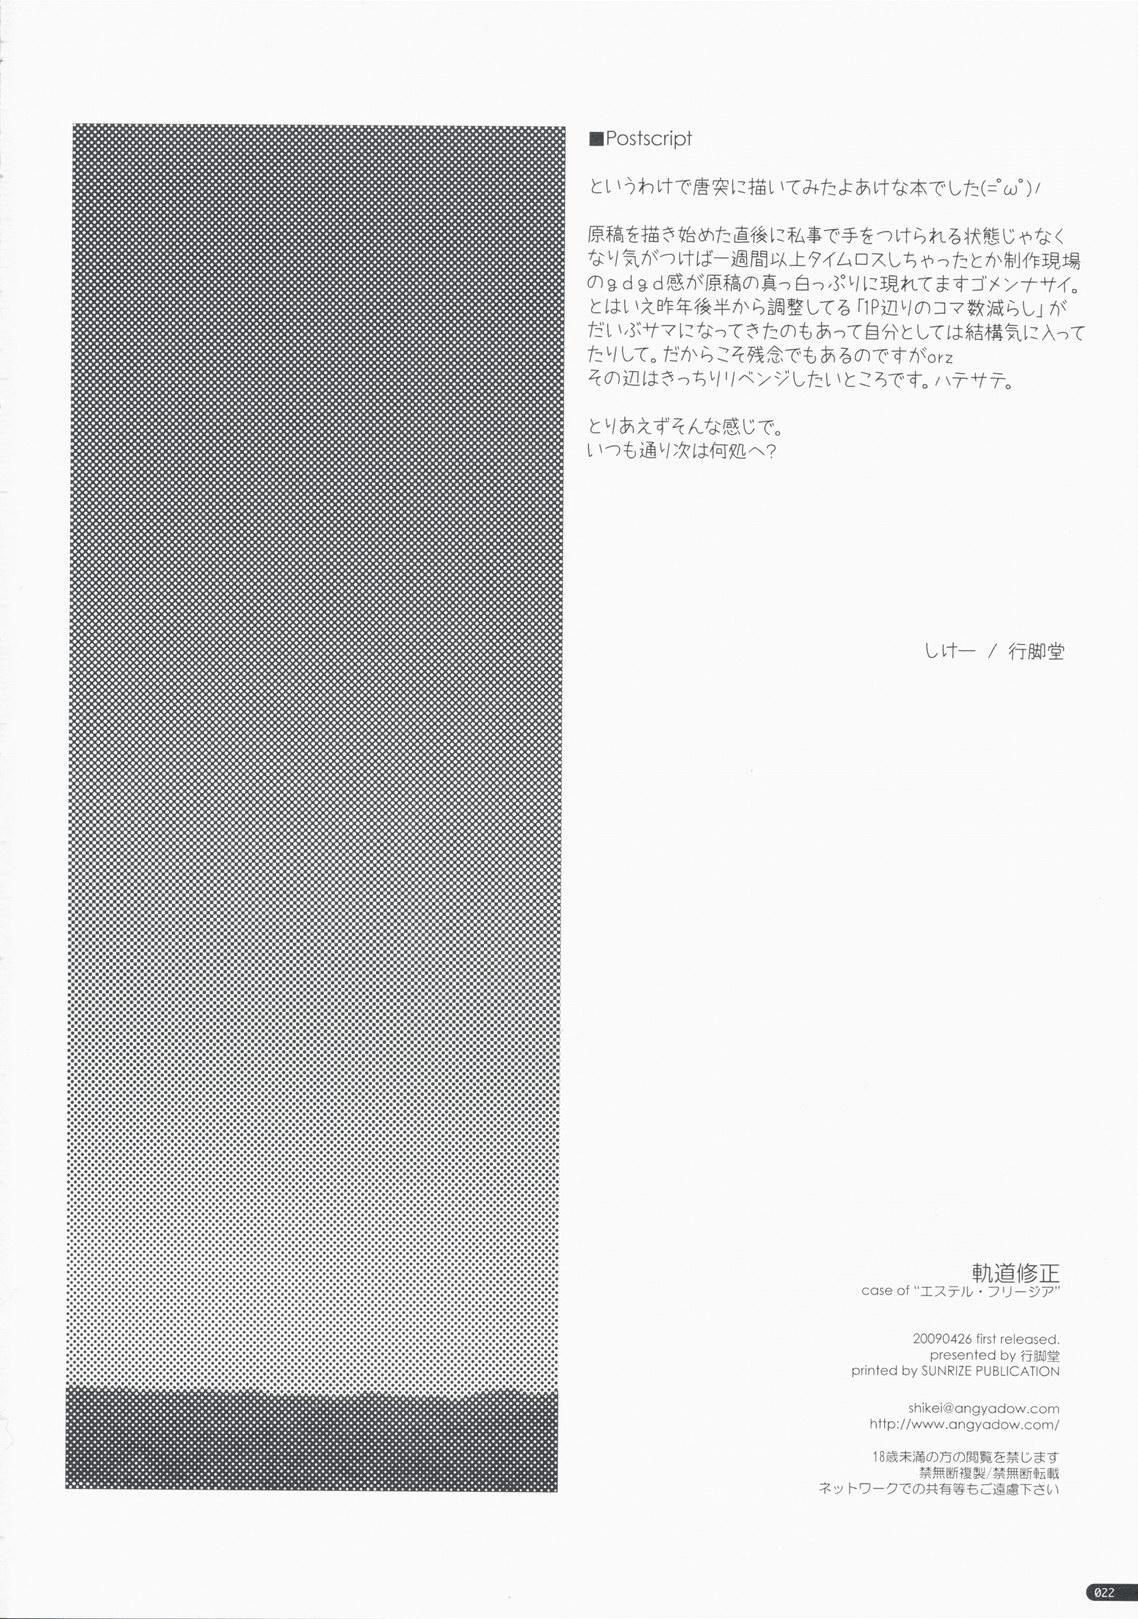 Kidou Shuusei 19